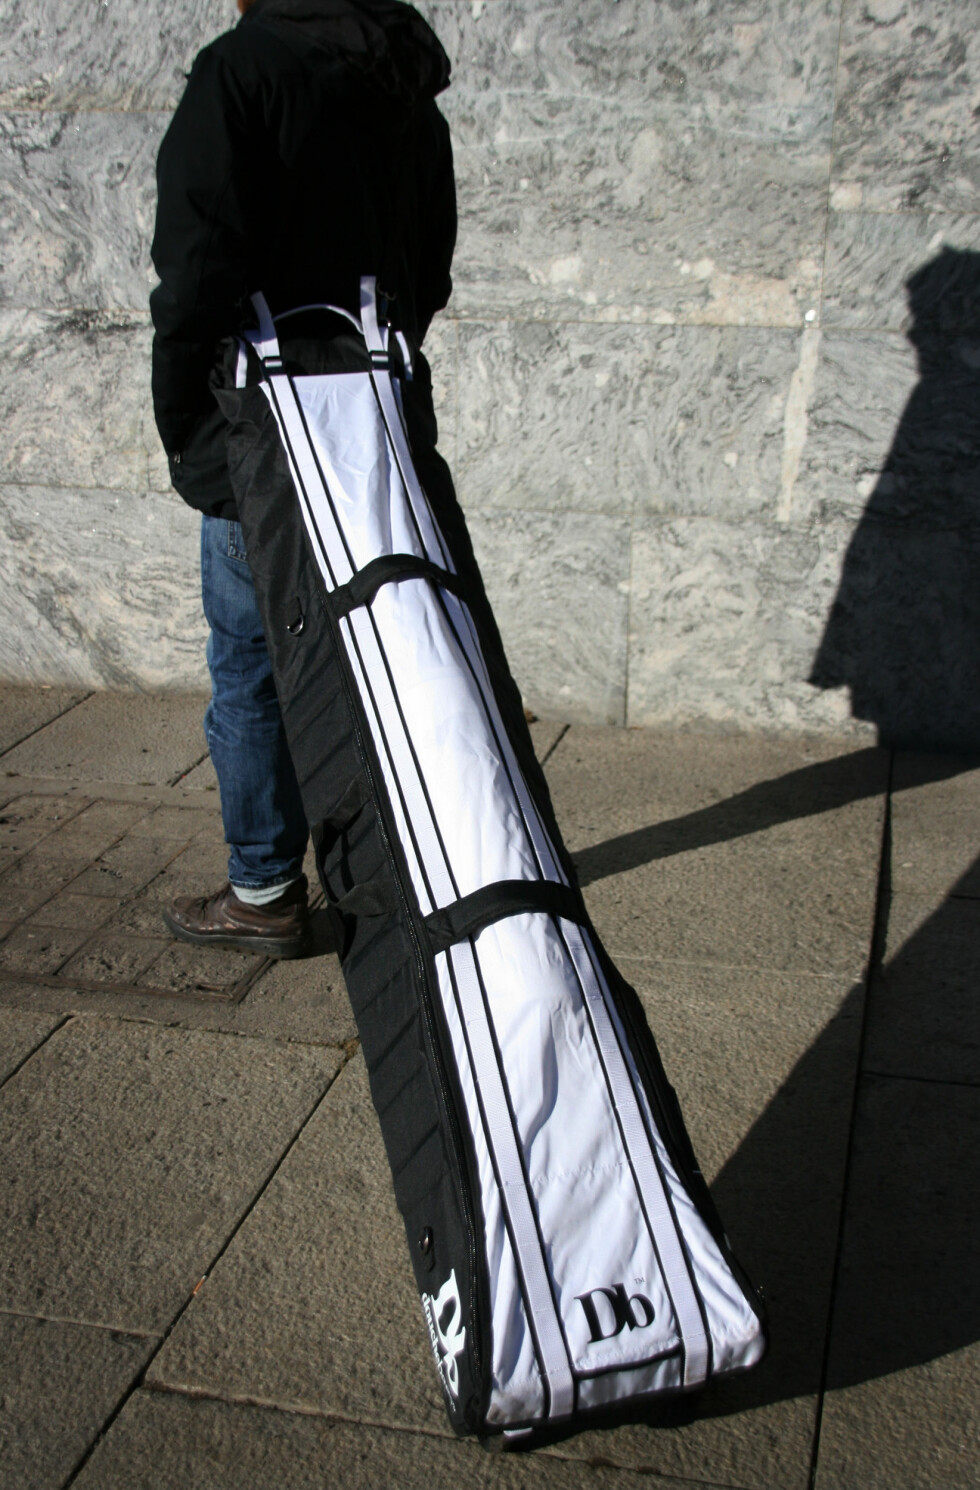 Douchebag har plassert hjul nederst på baggen slik at det er mulig å trille den etter seg. Foto: Sebastian Berg Hestvedt